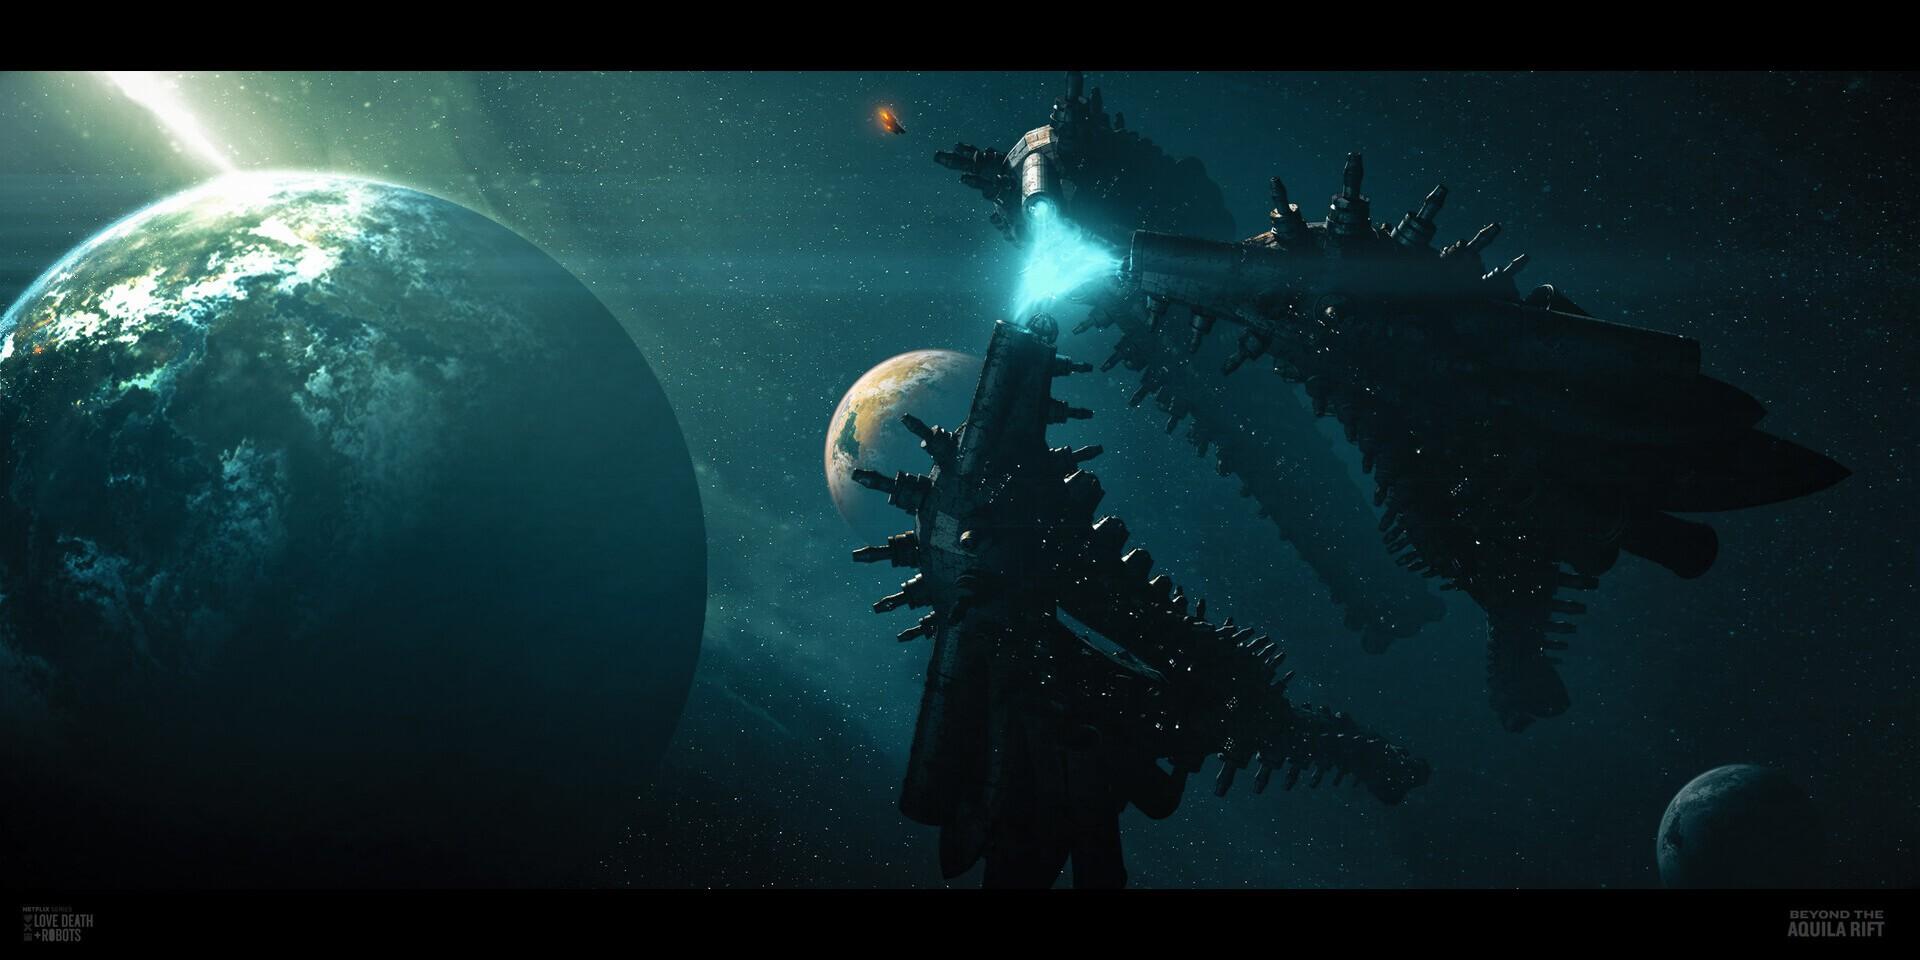 《愛,死亡和機器人》第7集概念圖 視覺效果震撼